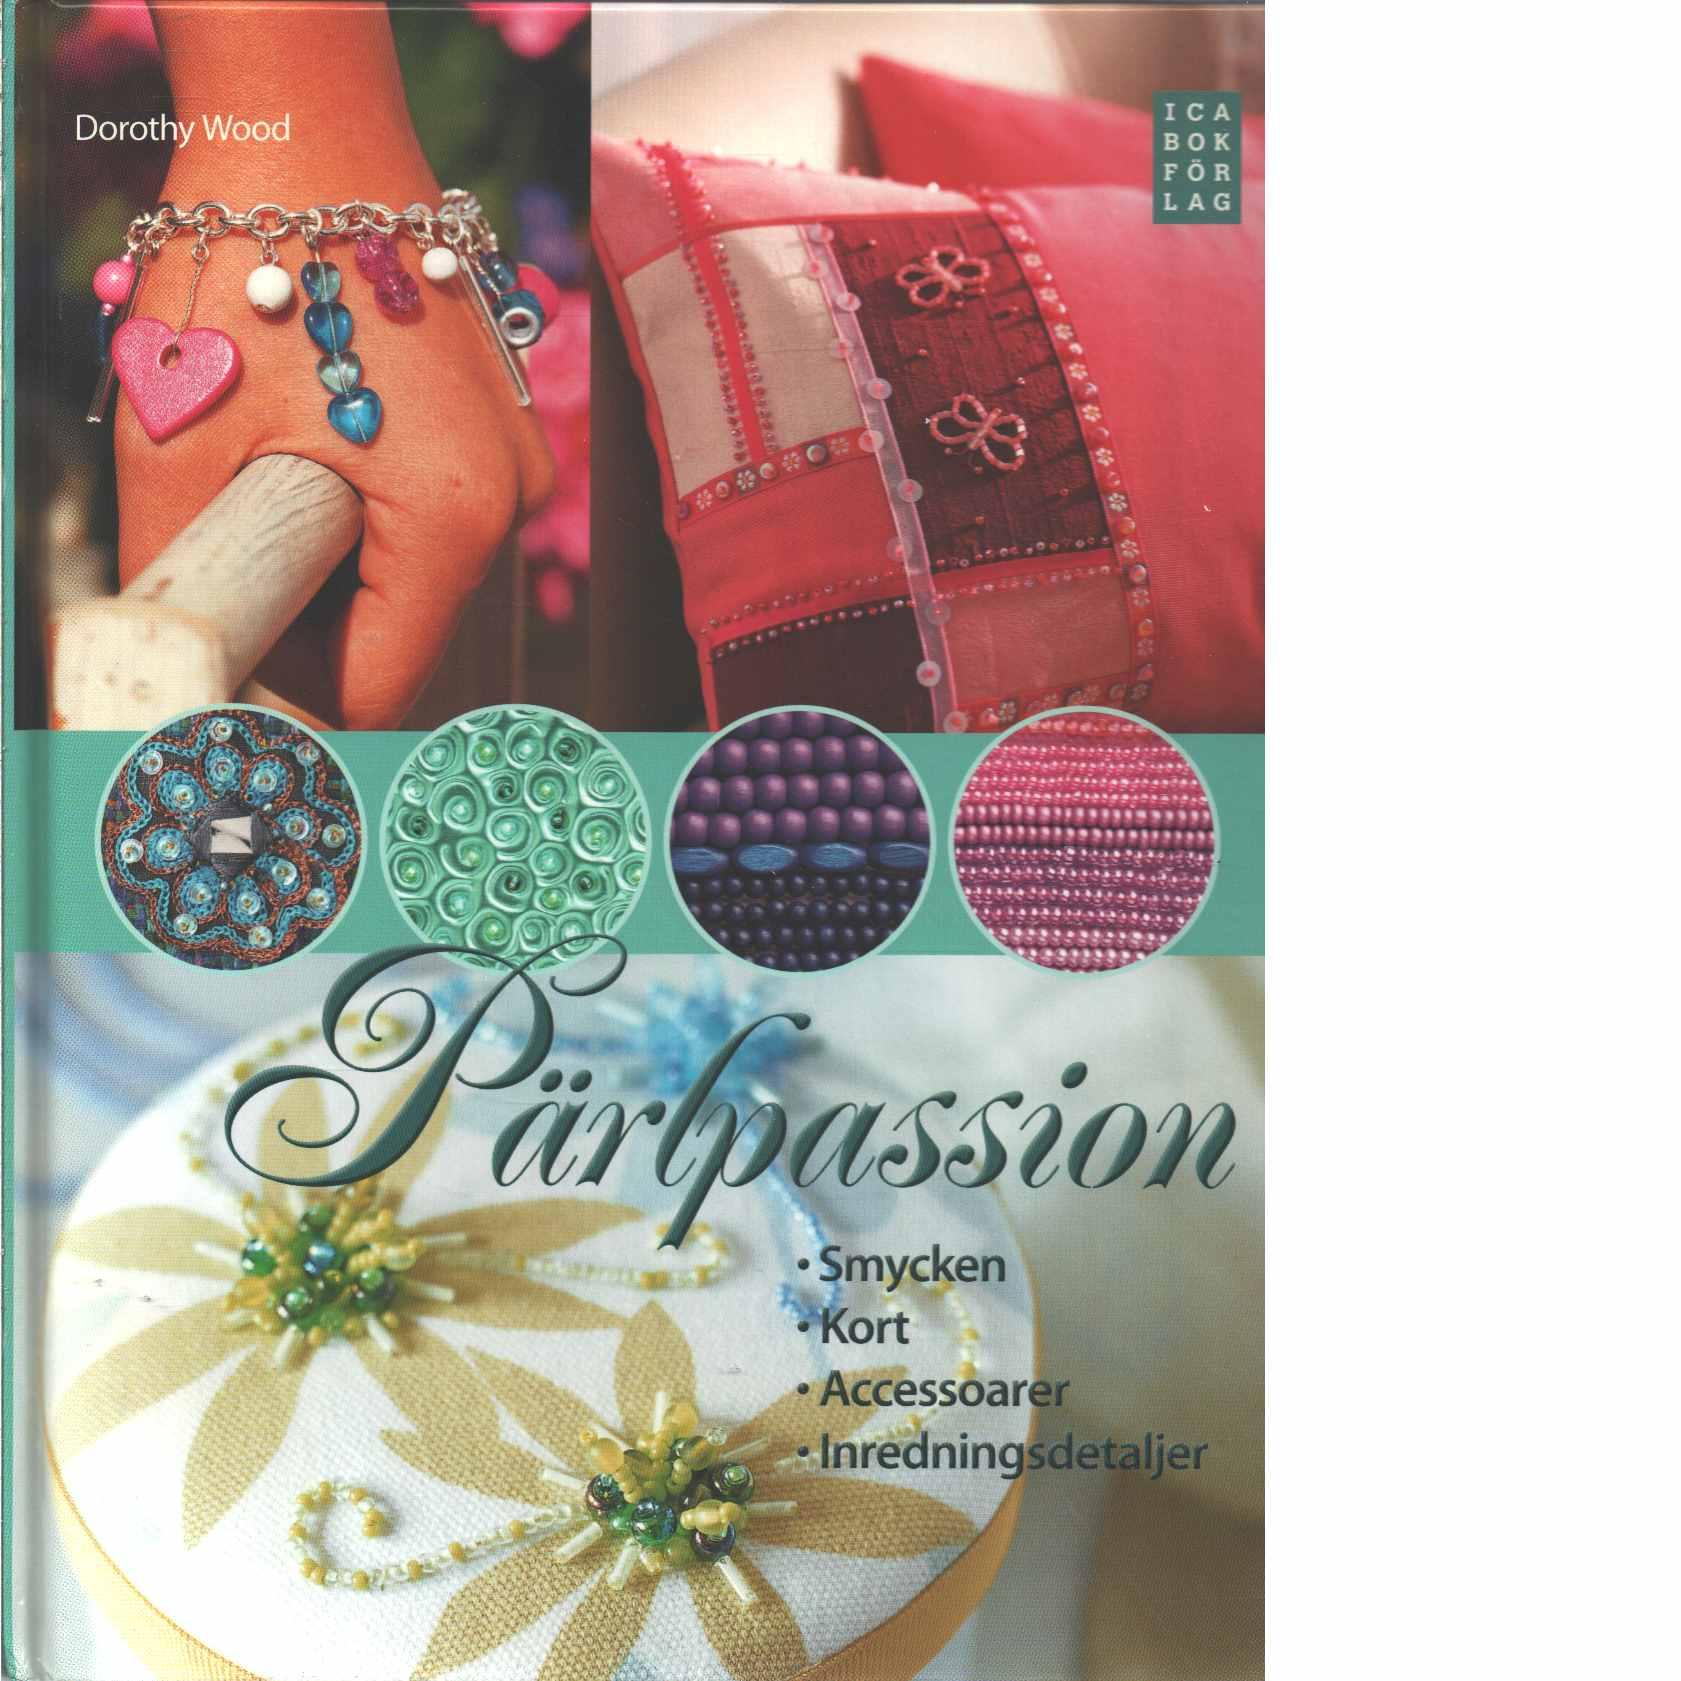 Pärlpassion : smycken, kort, accesoarer, inredningsdetaljer  - Wood, Dorothy